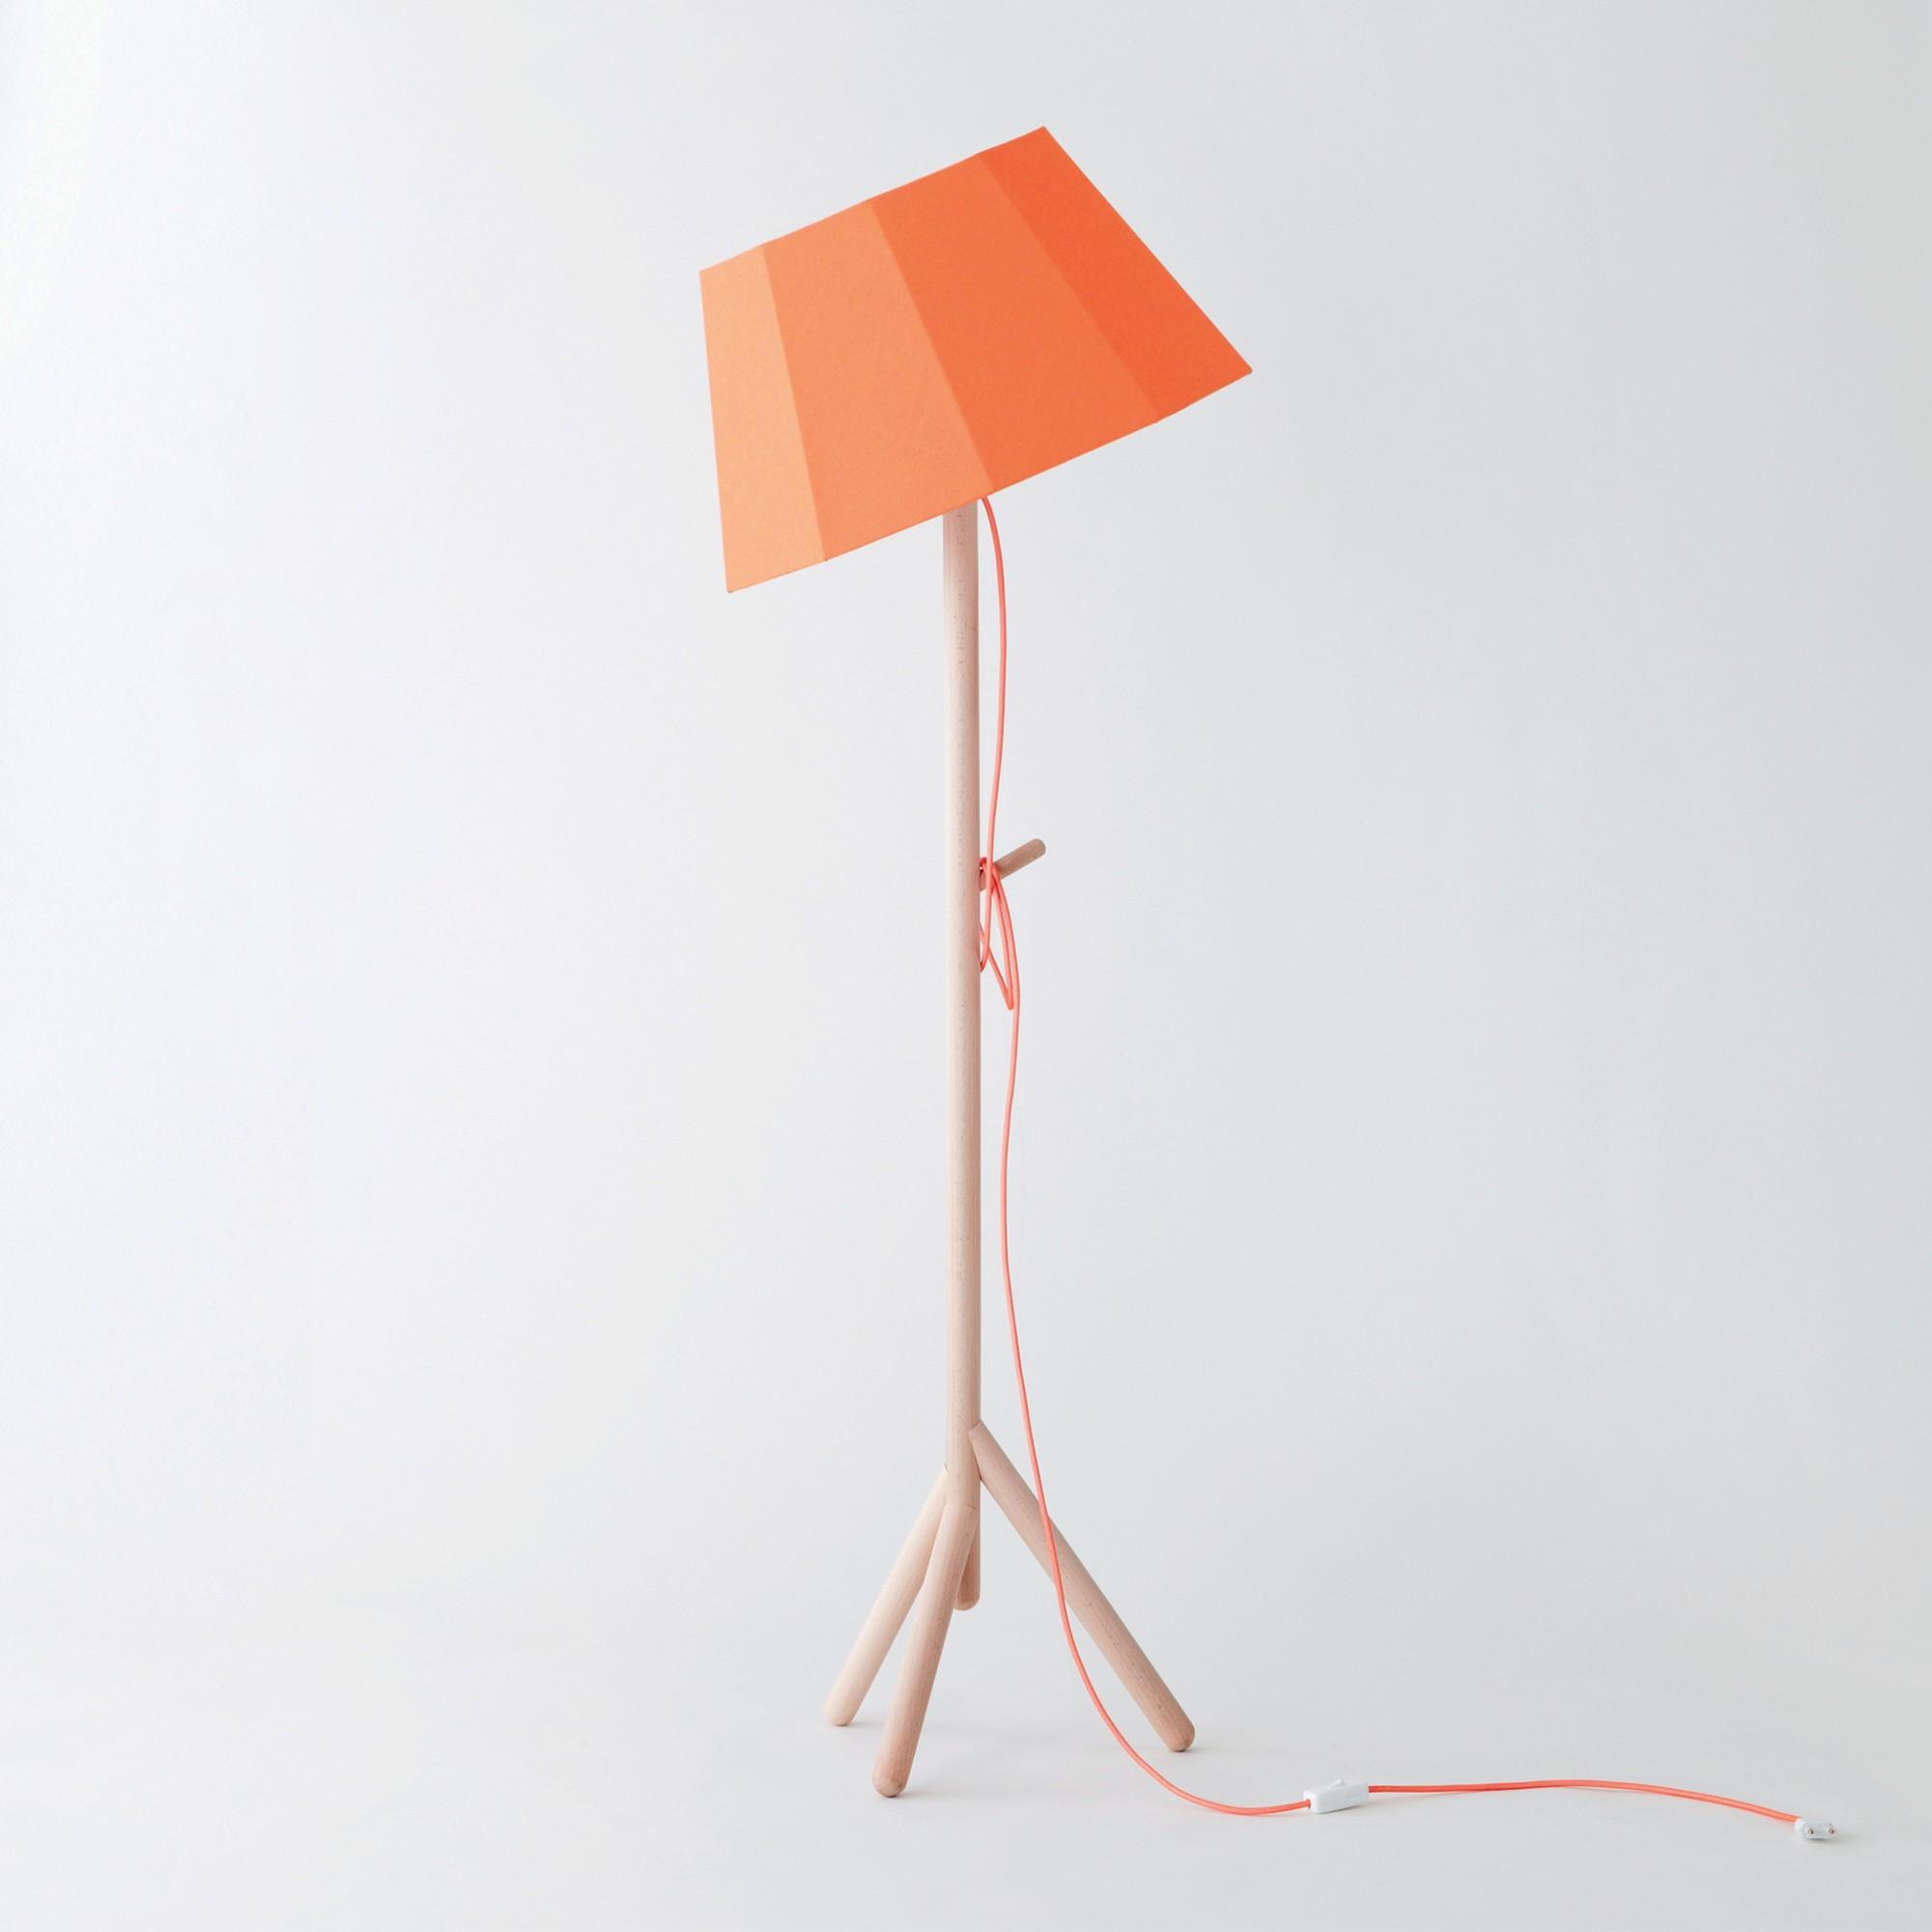 lampadaire orange